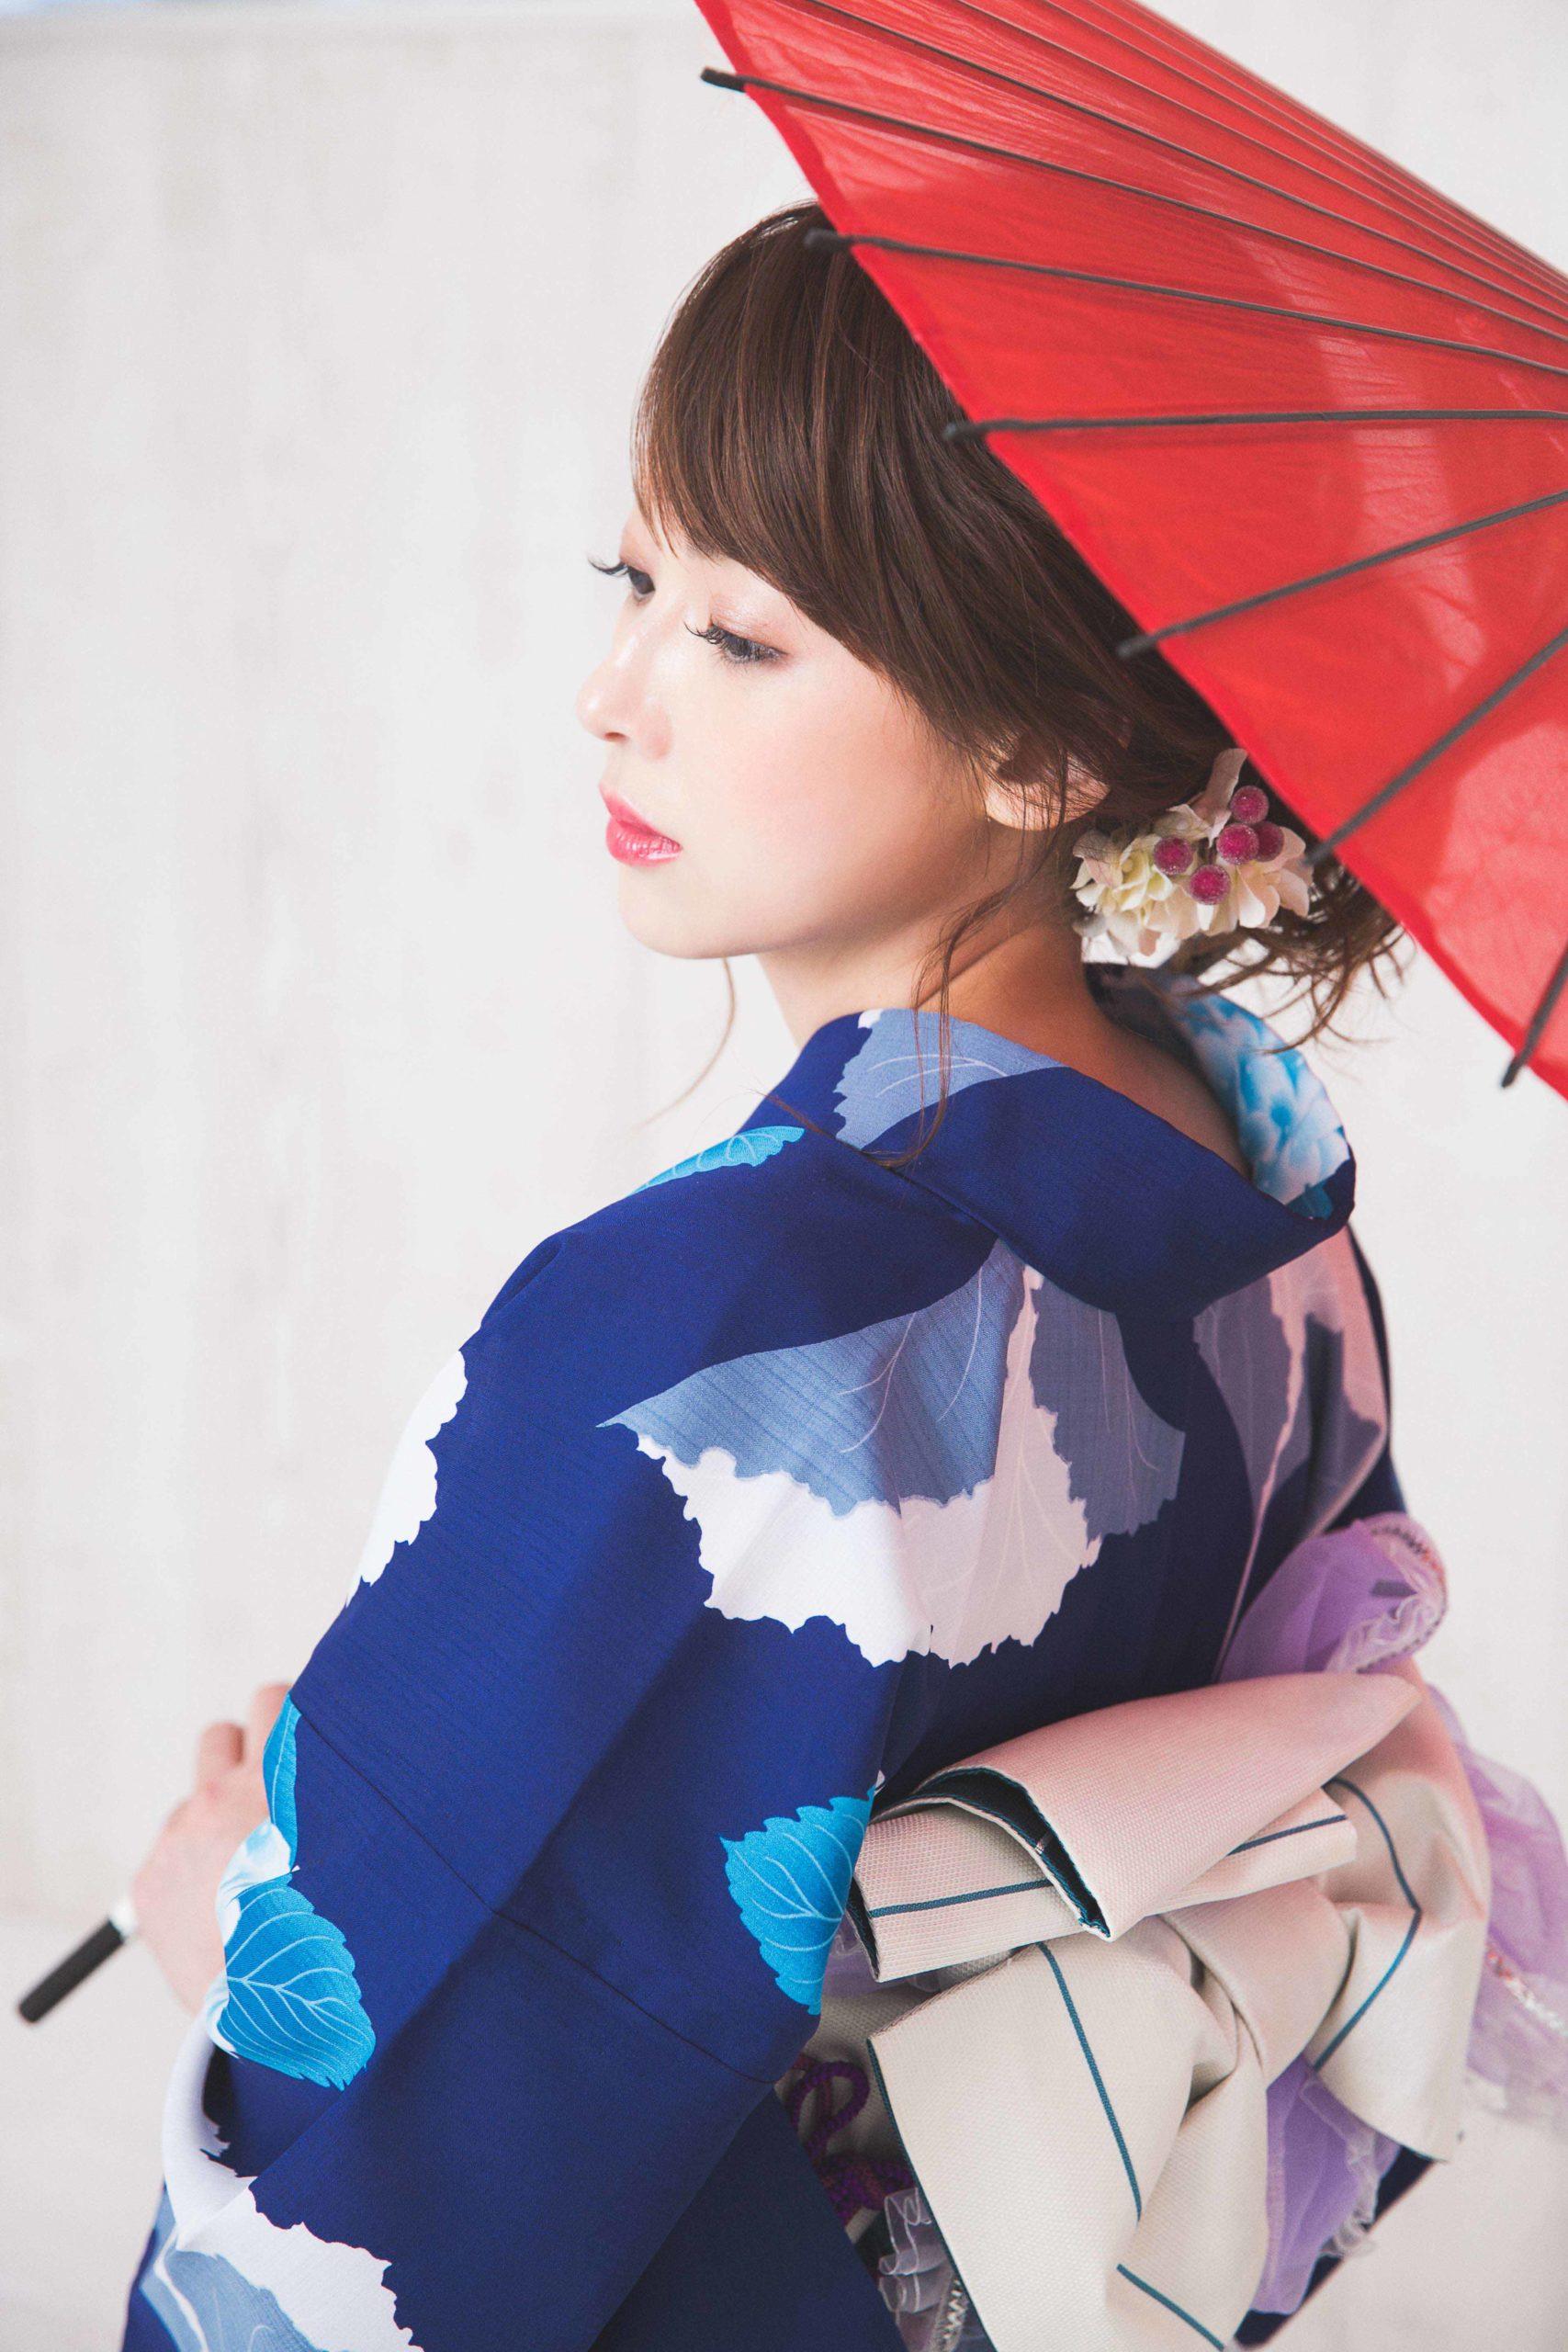 sakuragi_yuu_s_t_04